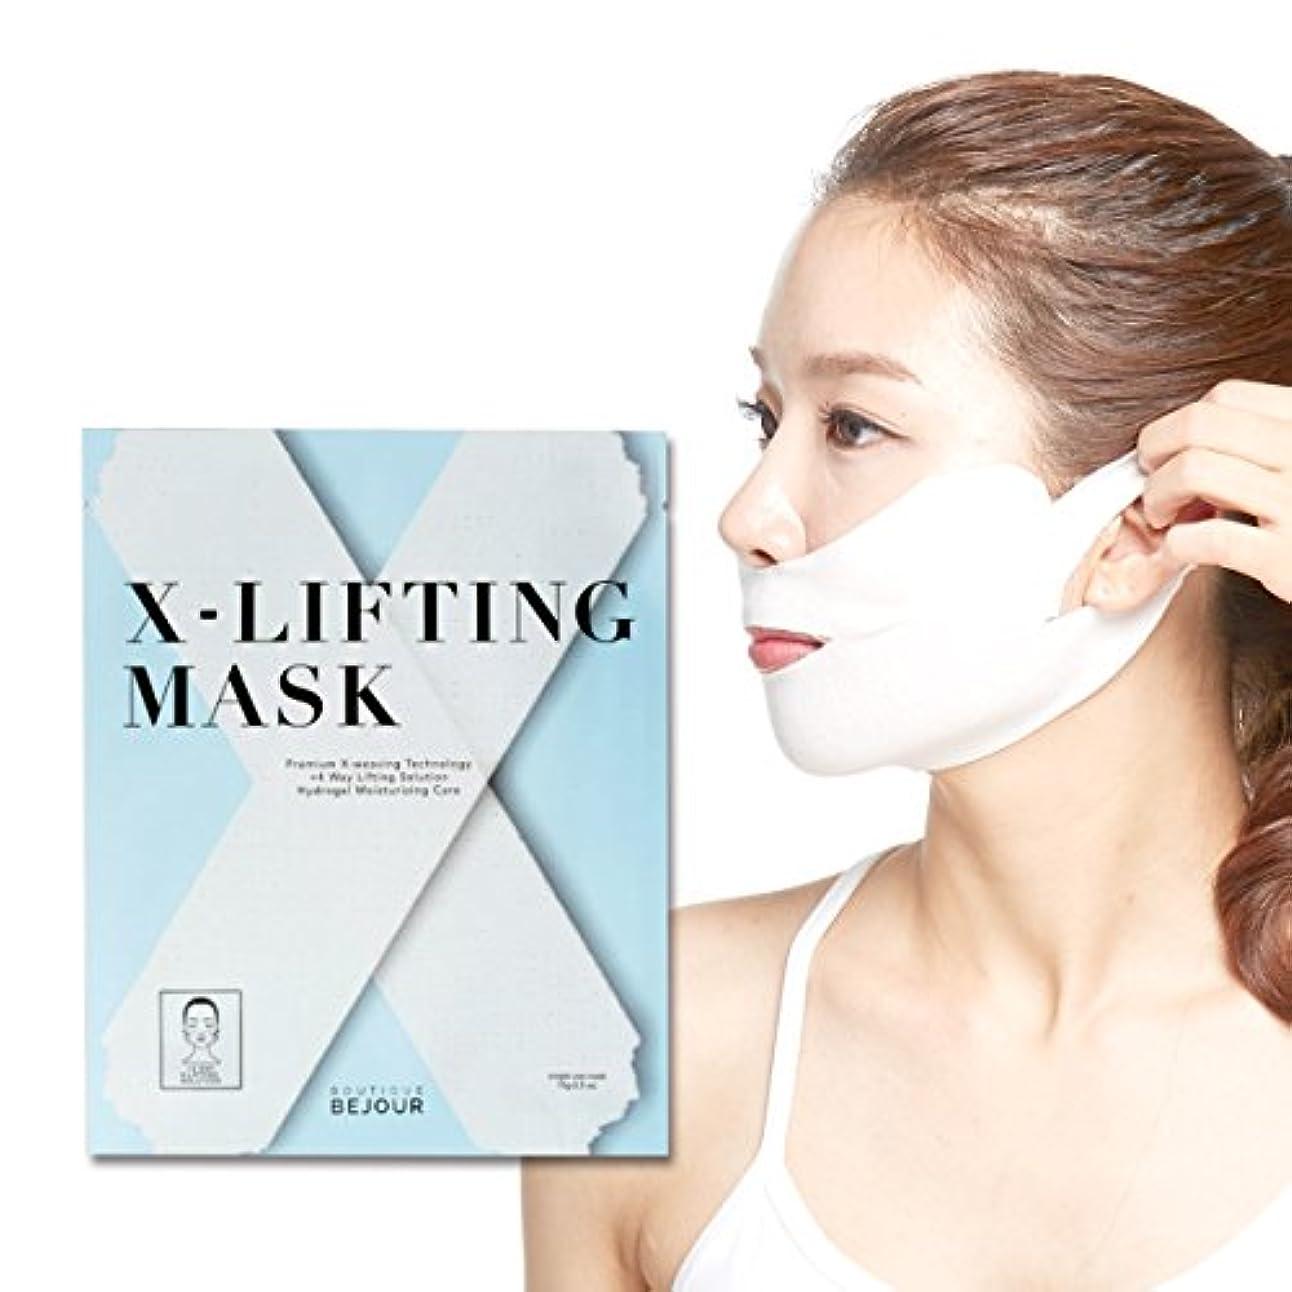 結び目無関心開いた< ビジュール > X-Lifting (エックスリフティング) マスク [ リフトアップ フェイスマスク フェイスシート フェイスパック フェイシャルマスク シートマスク フェイシャルシート フェイシャルパック ローションマスク ローションパック 顔パック ]